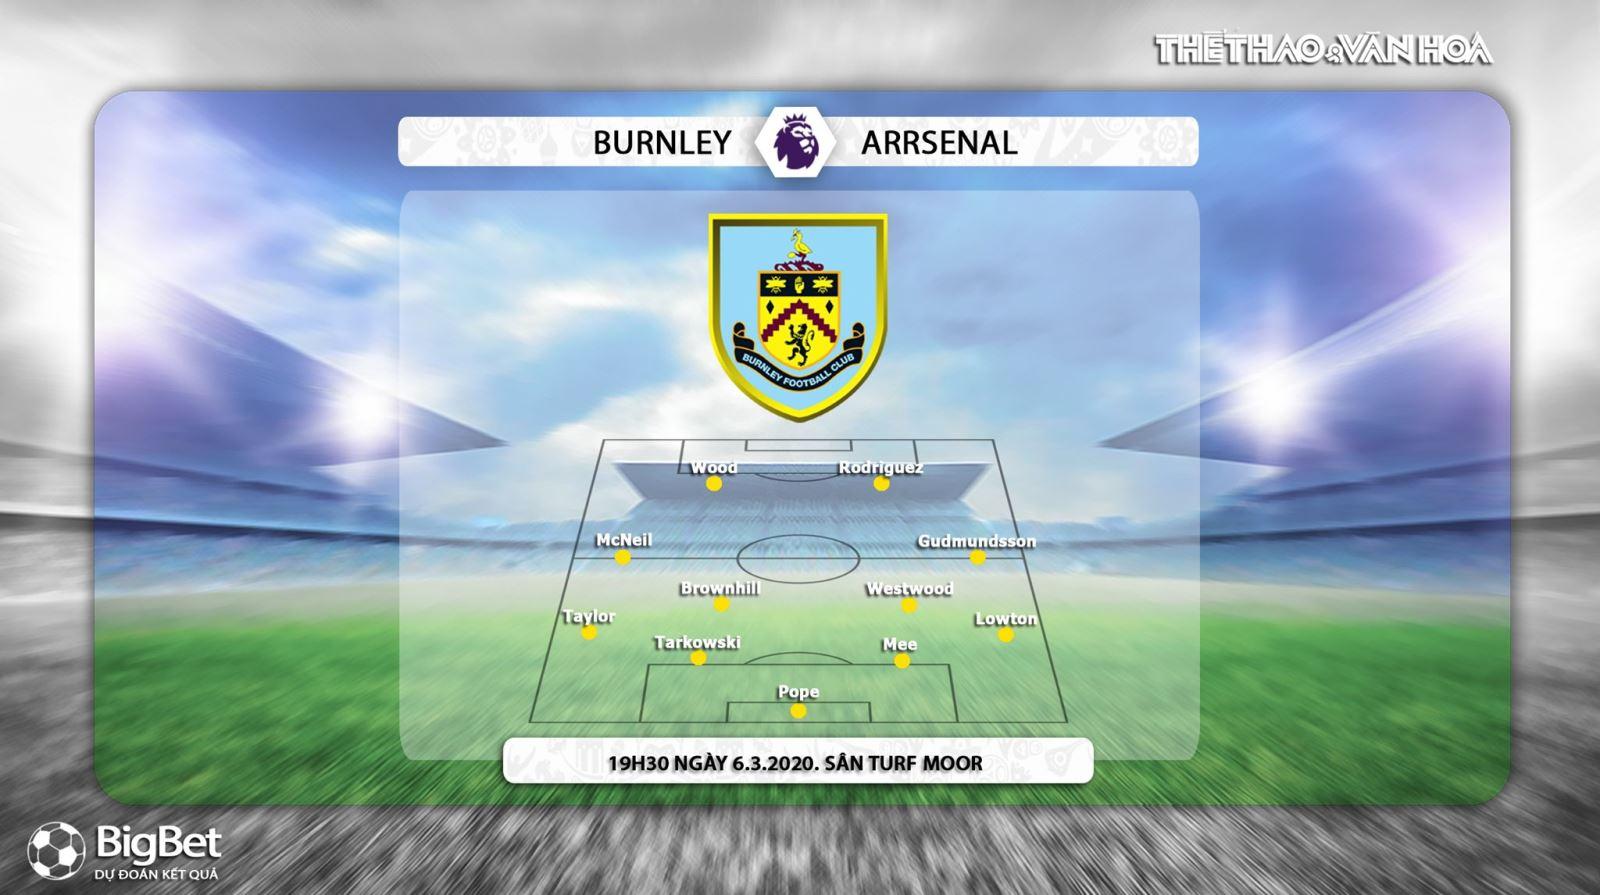 Keo nha cai, Kèo nhà cái, Arsenal, Burnley vs Arsenal, K+, K+PM trực tiếp bóng đá Anh, keo arsenal, soi kèo bóng đá, Ngoại hạng Anh, trực tiếp bóng đá Anh hôm nay